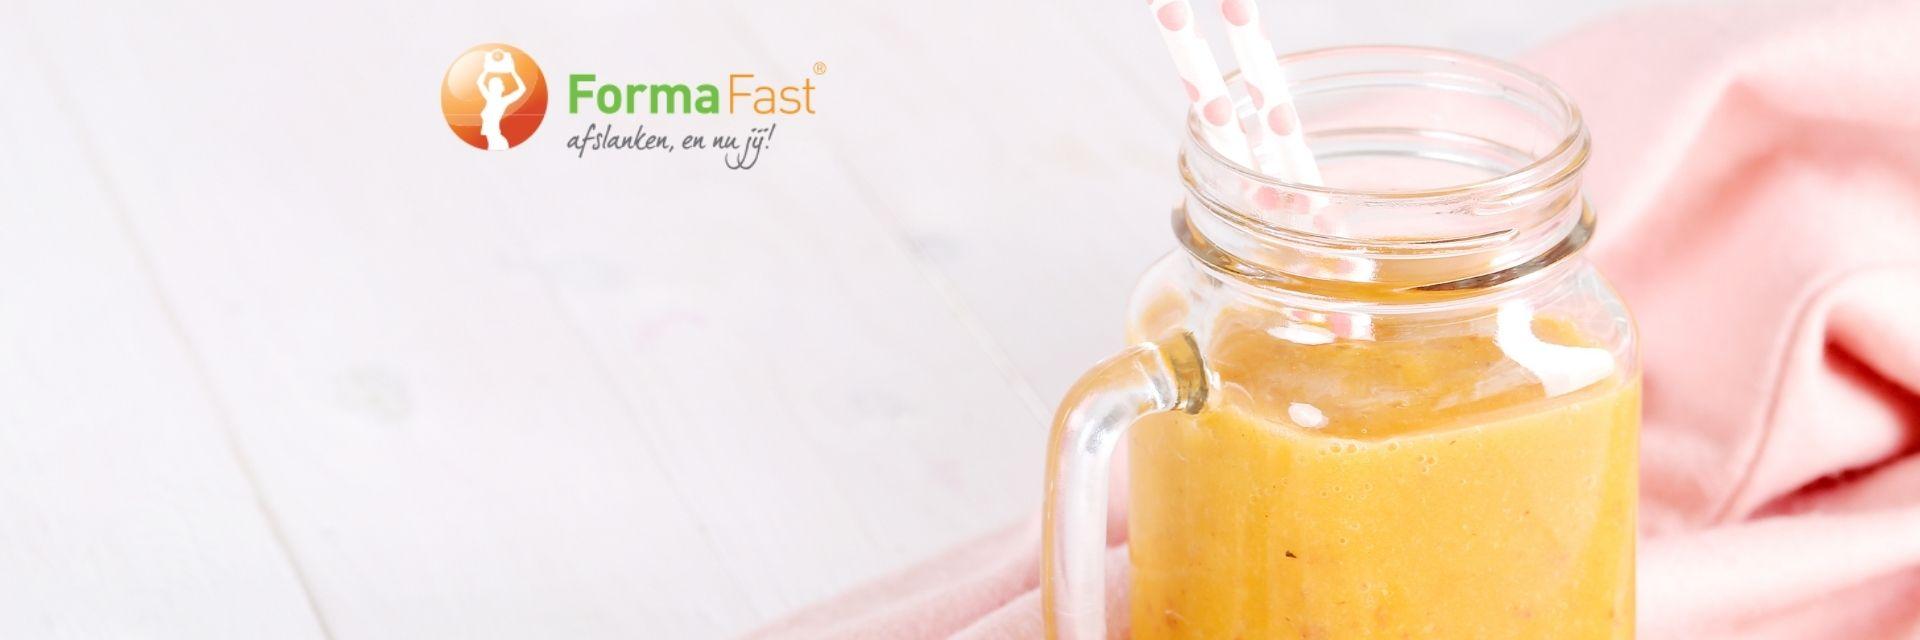 FormaFast dieet afvallen met maaltijdvervangers